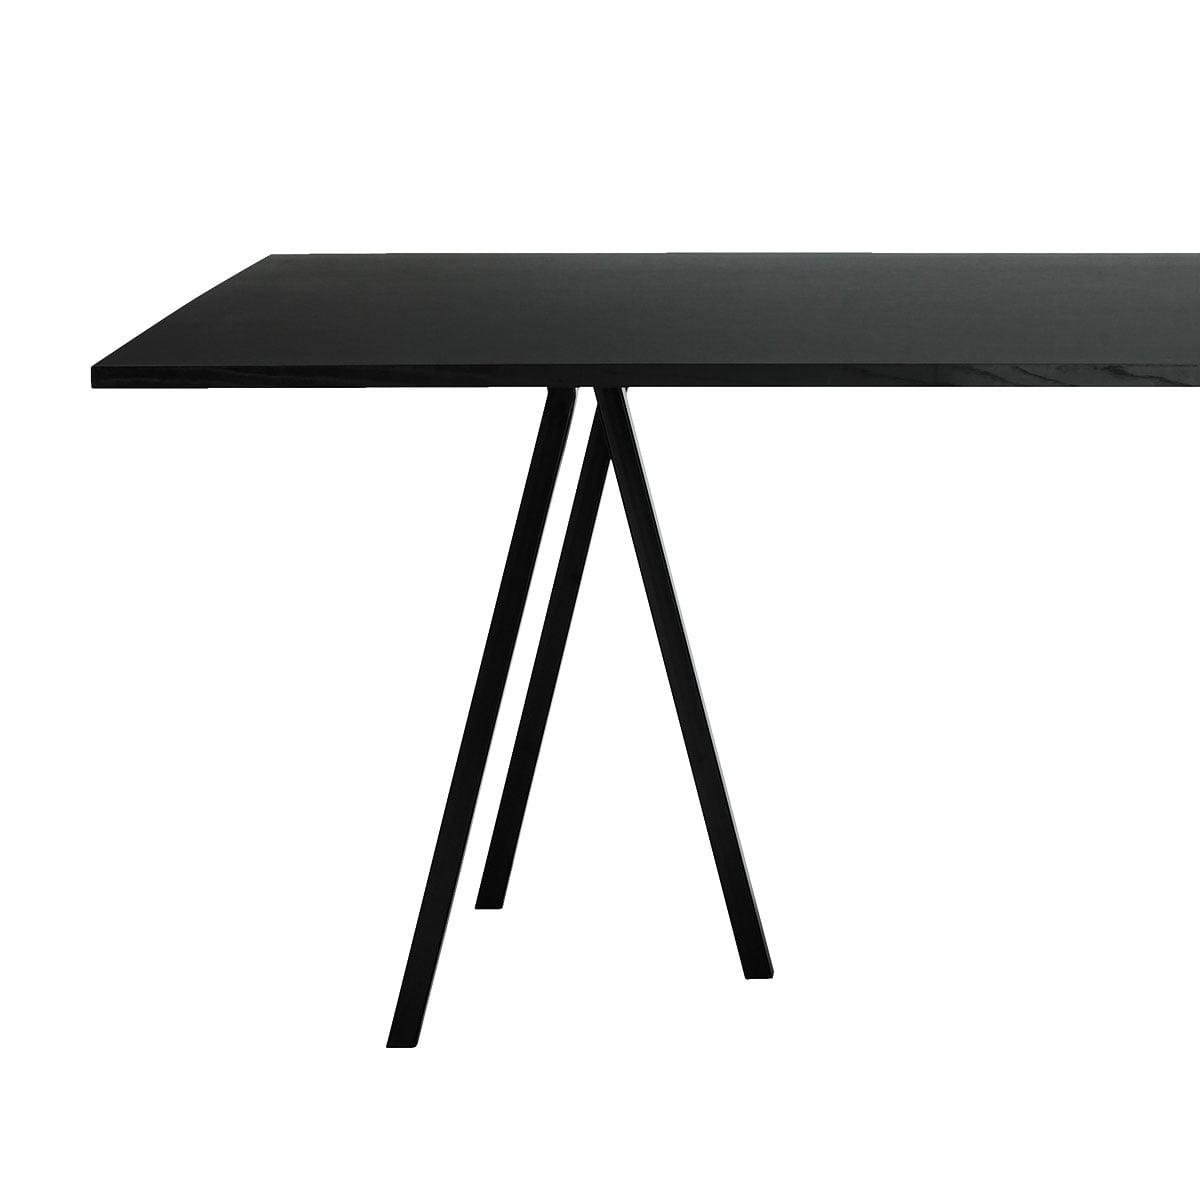 loop stand frame tischb cke hay shop. Black Bedroom Furniture Sets. Home Design Ideas